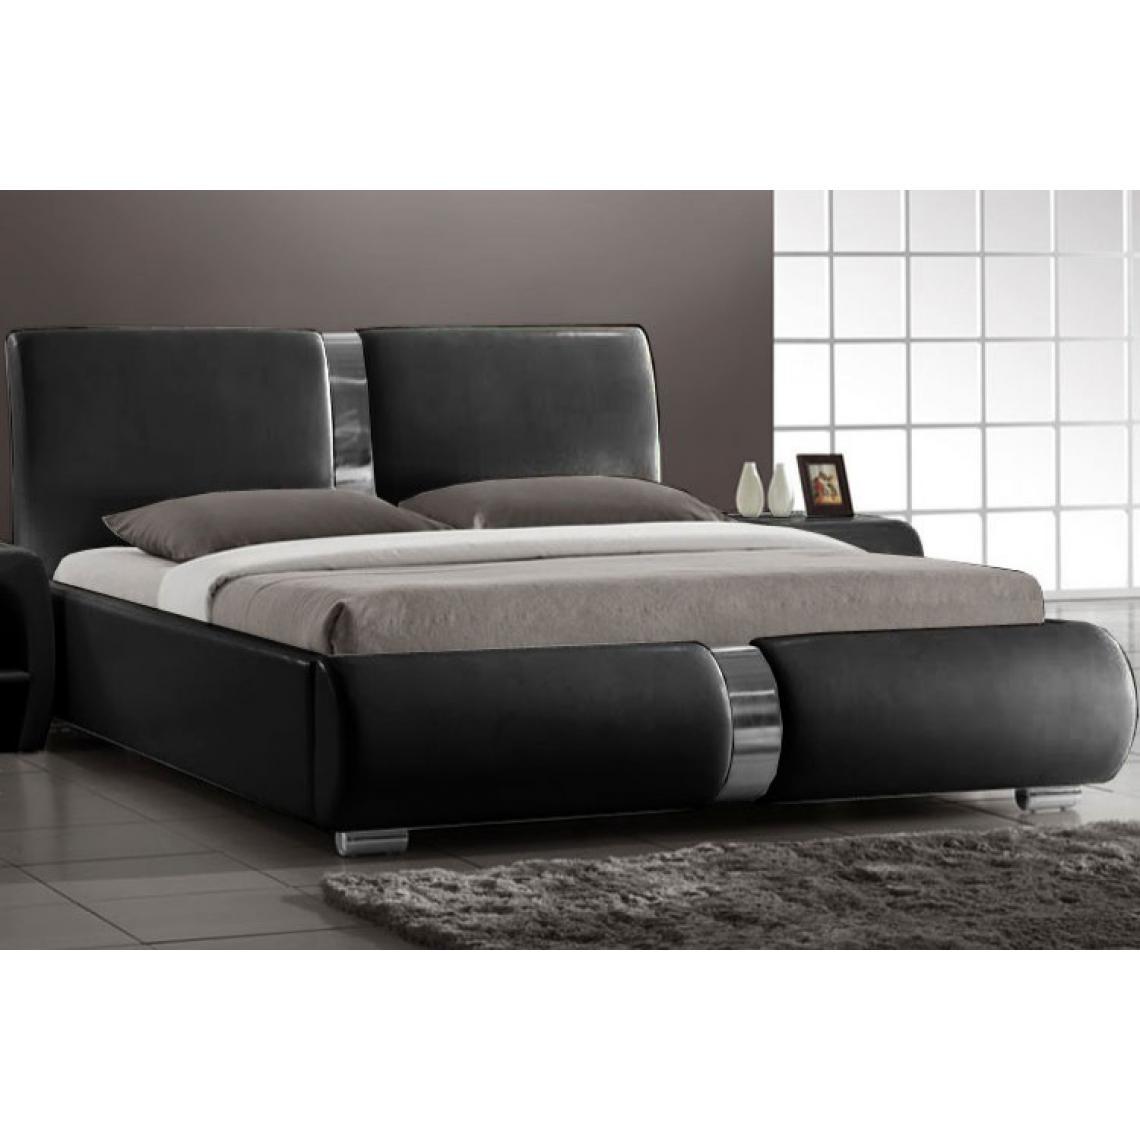 Photo Chambre Adulte Design lit design noir 140cm baleno 153x225x105 plus de détails